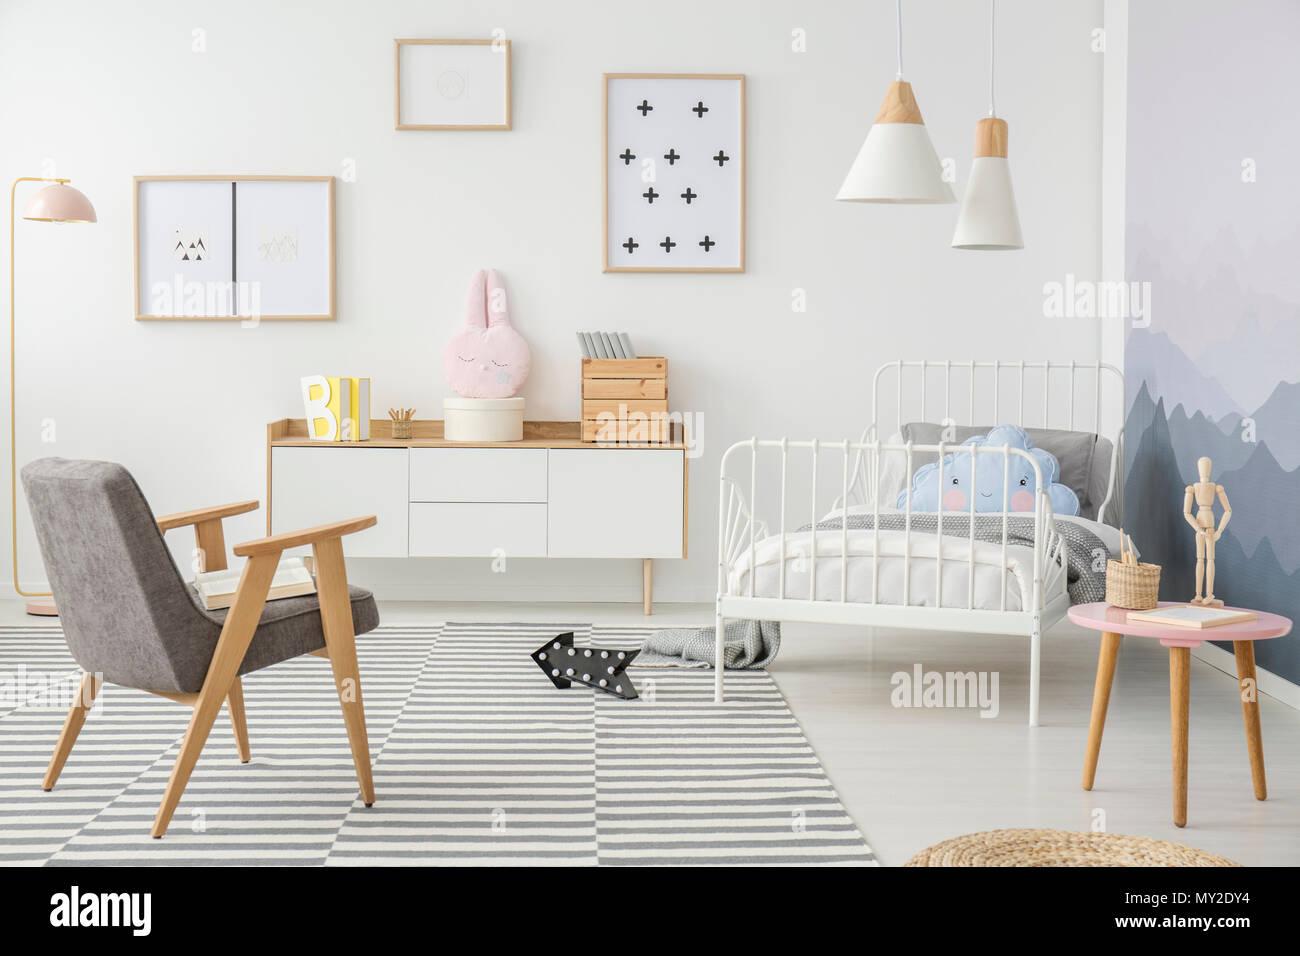 Rosa Und Grau Holz Sessel In Girlu0027s Schlafzimmer Innenraum Mit Mockup Von  Leeren Plakat